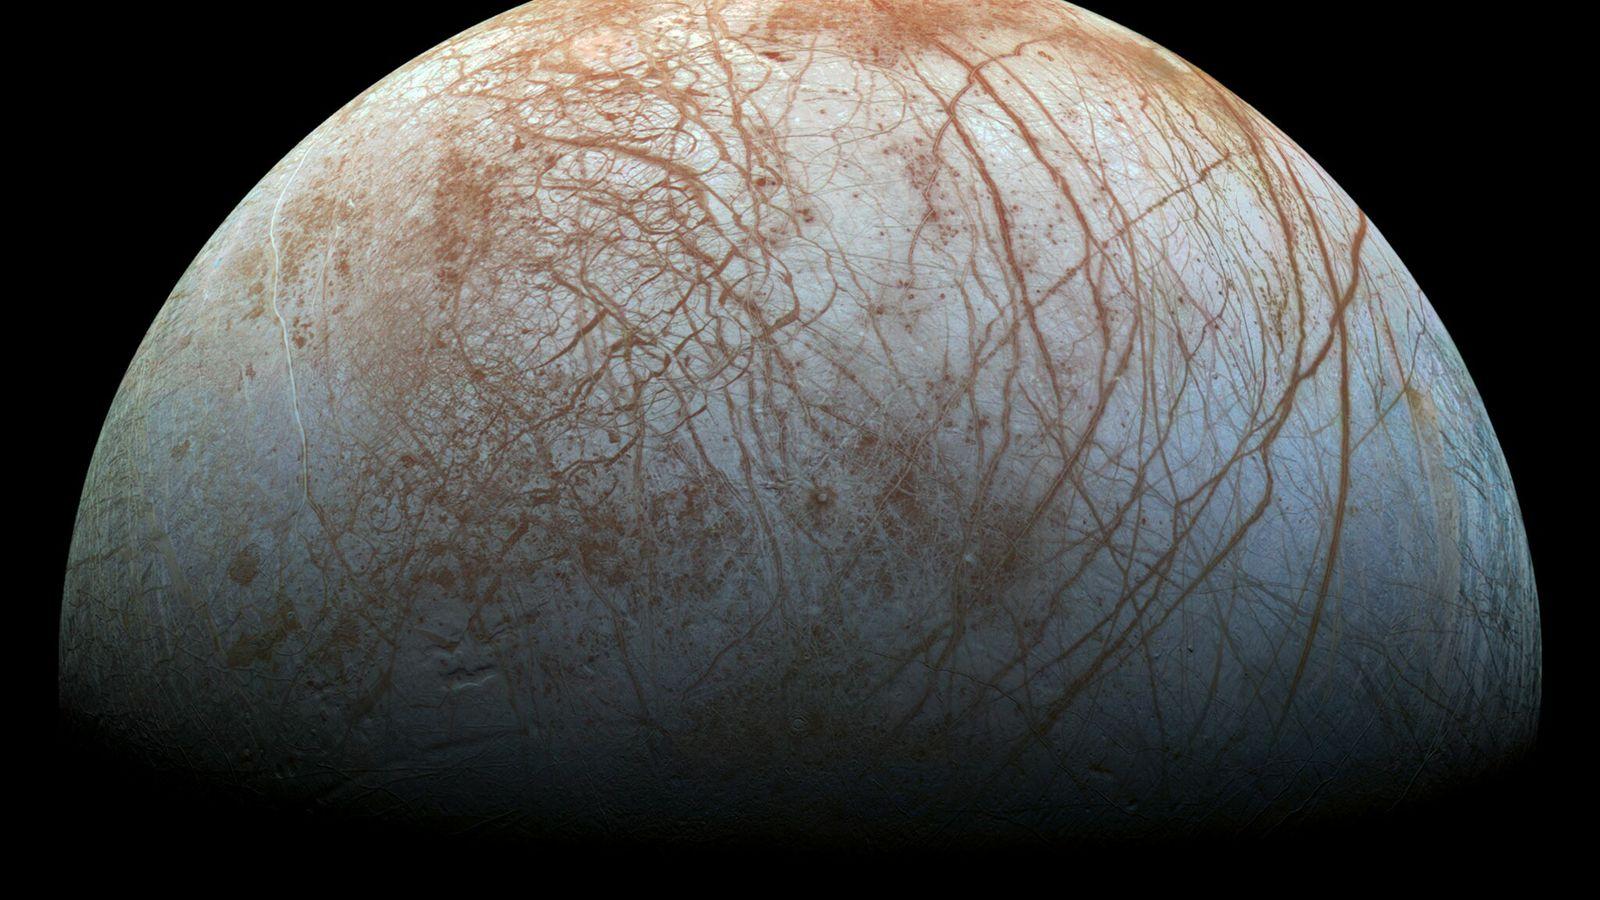 Europa, a lua de Júpiter, possui uma espessa crosta gelada que pode ocultar um oceano profundo ...